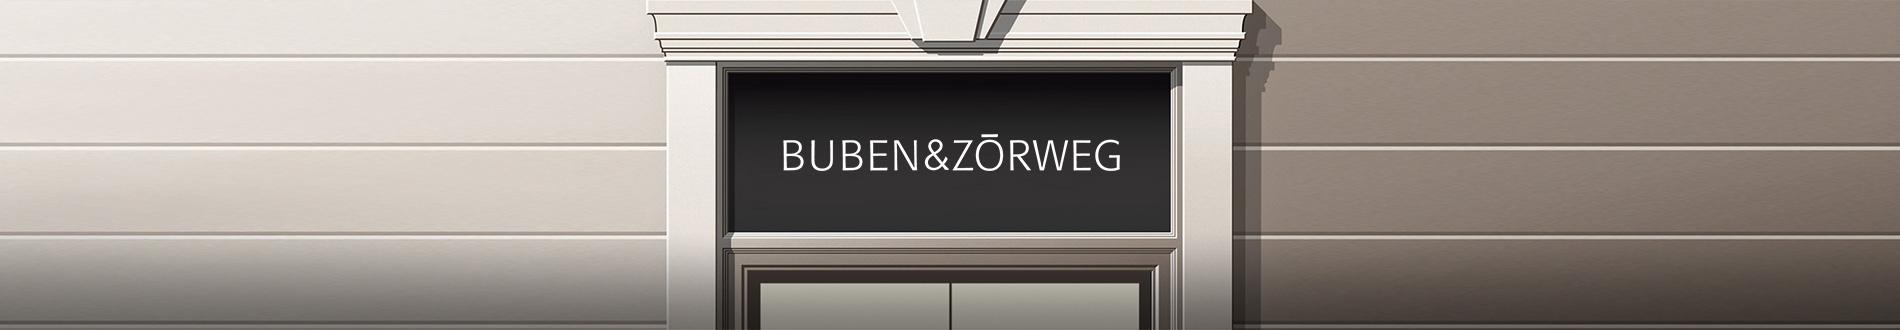 Buben Zorweg